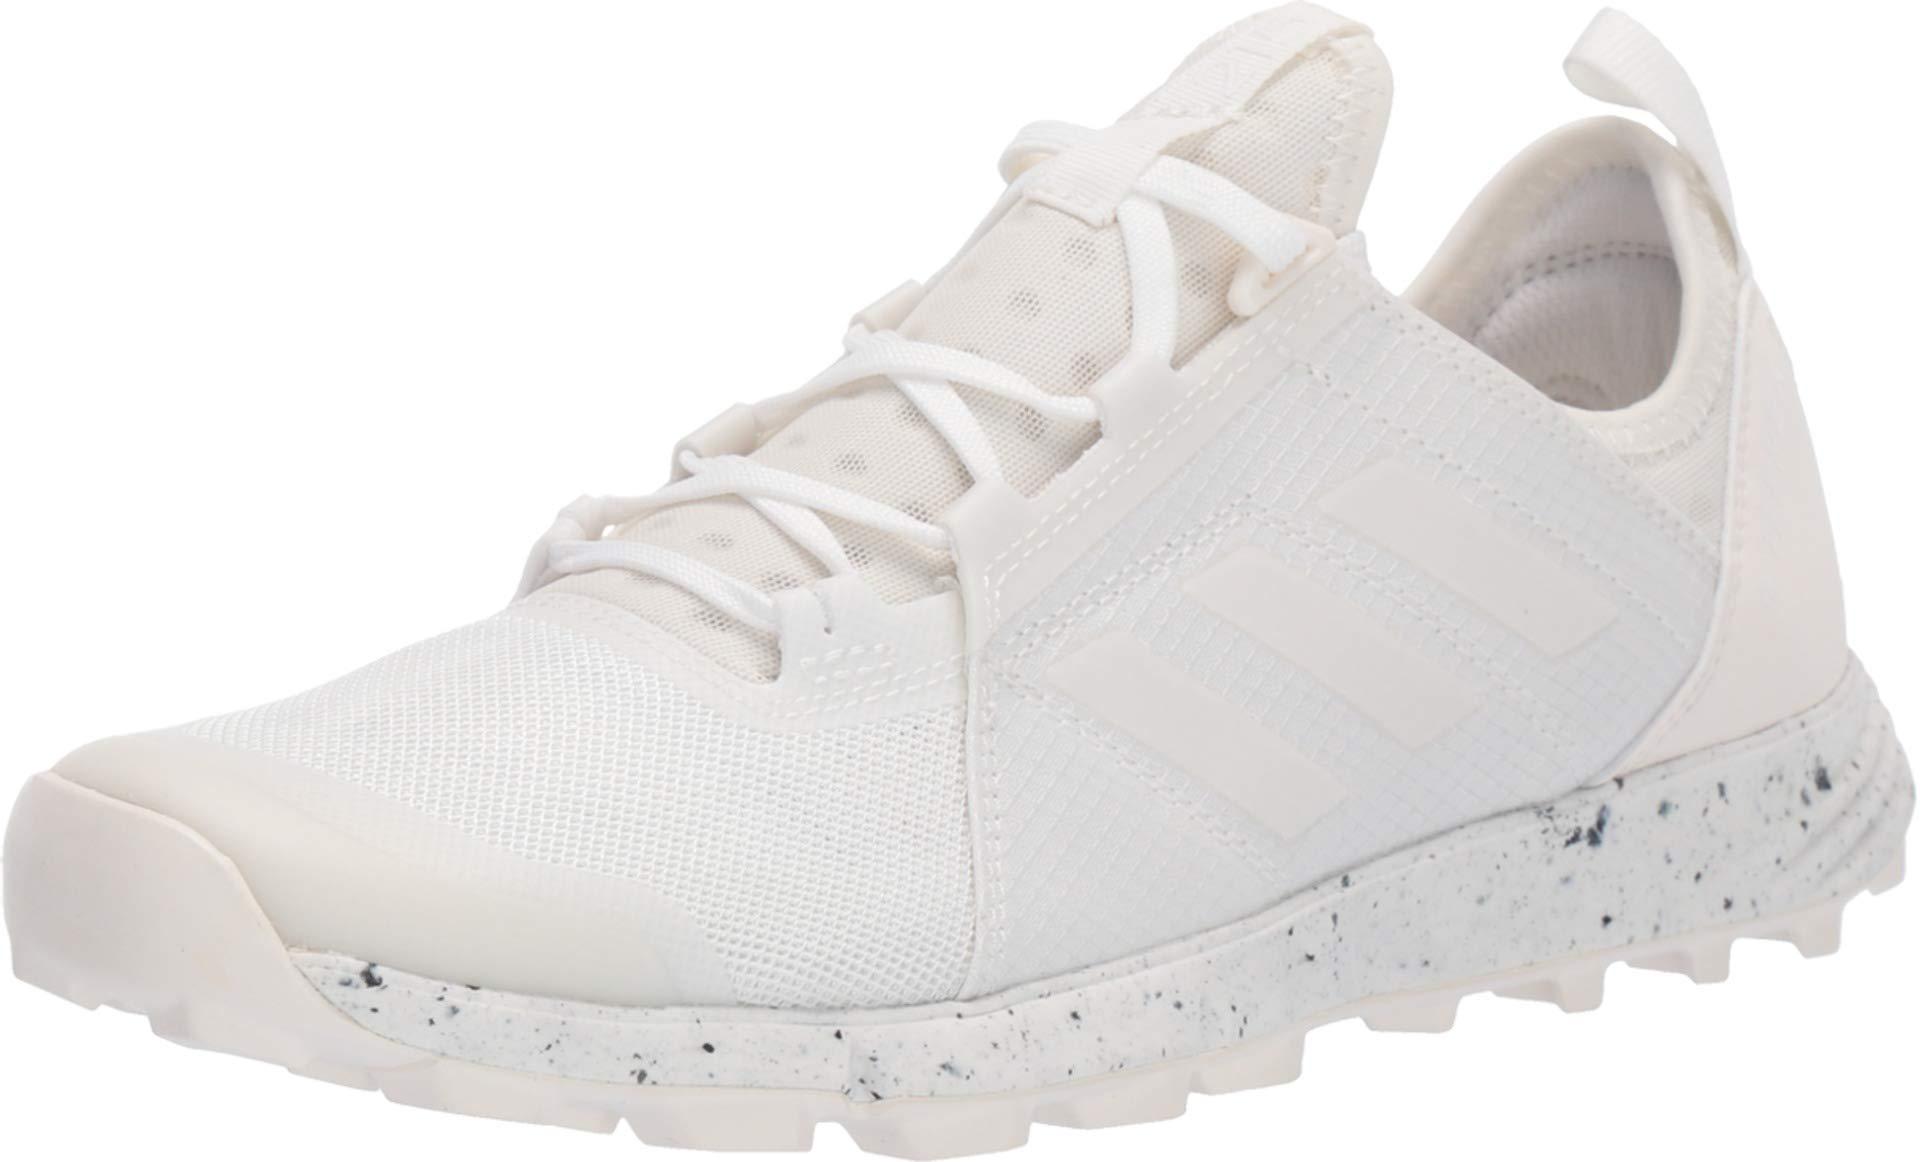 adidas outdoor Terrex Agravic Speed Shoe - Women's